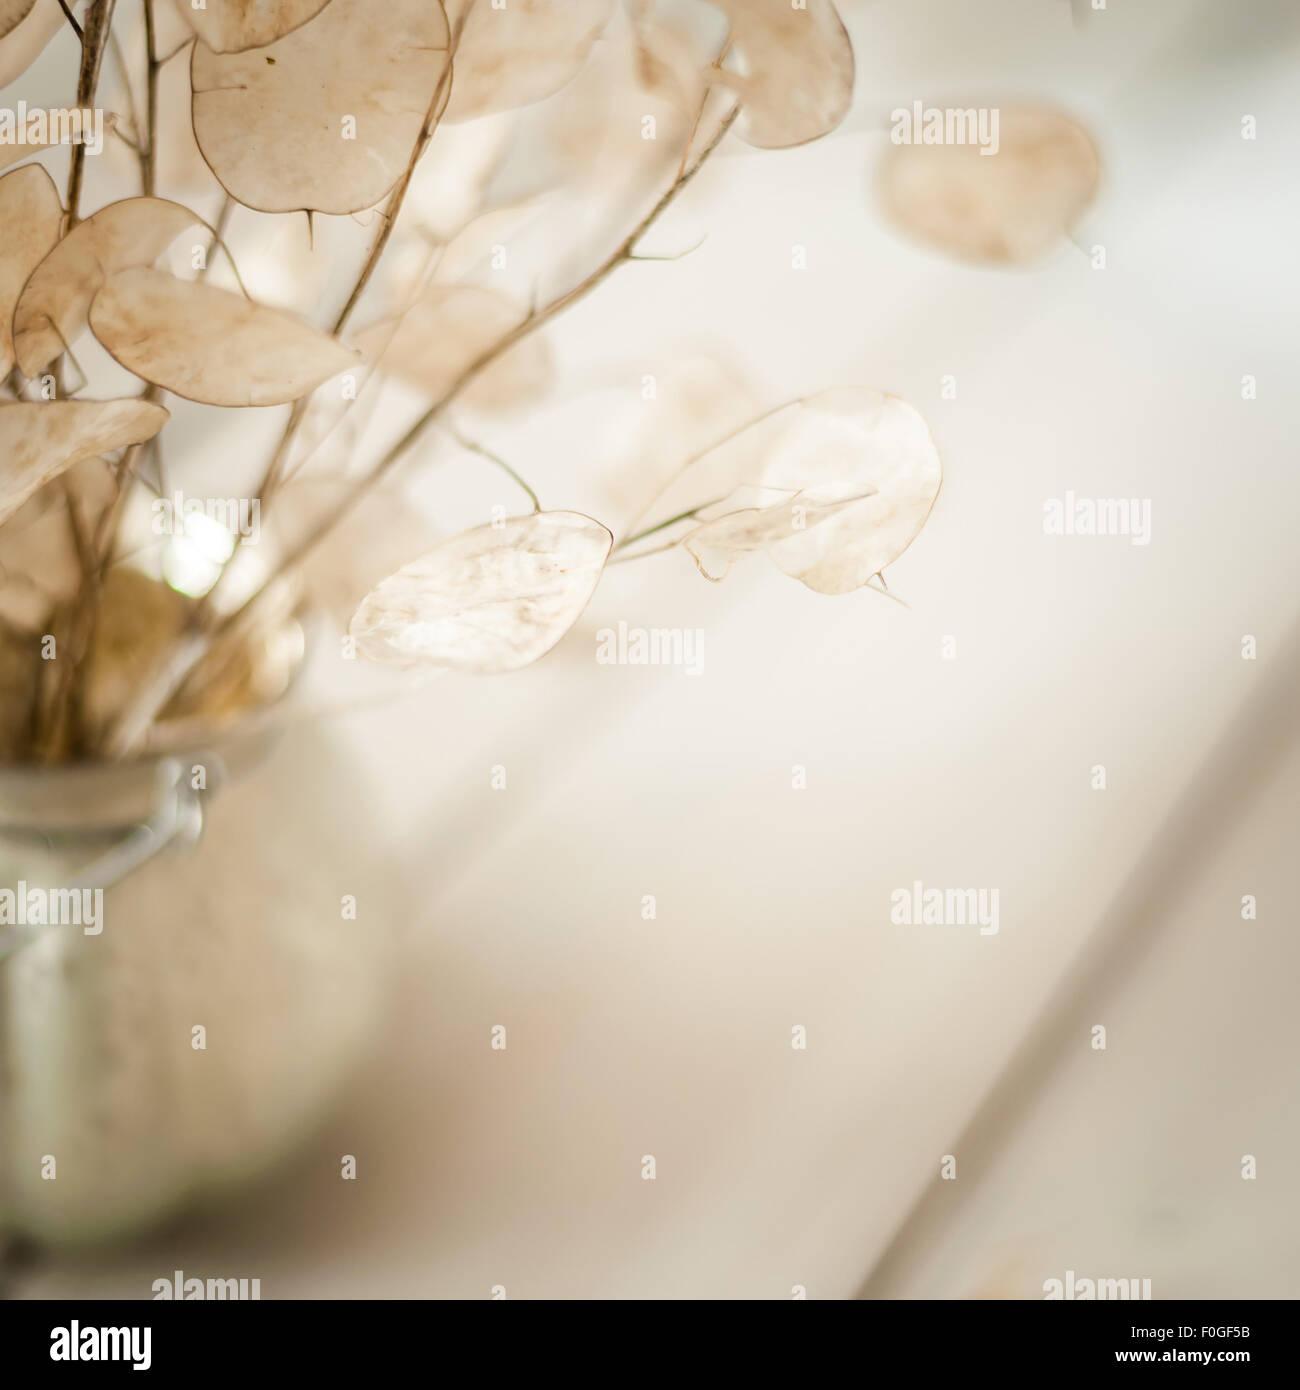 Primo piano della onestà seedpods in un vaso rotondo su sfondo chiaro Immagini Stock